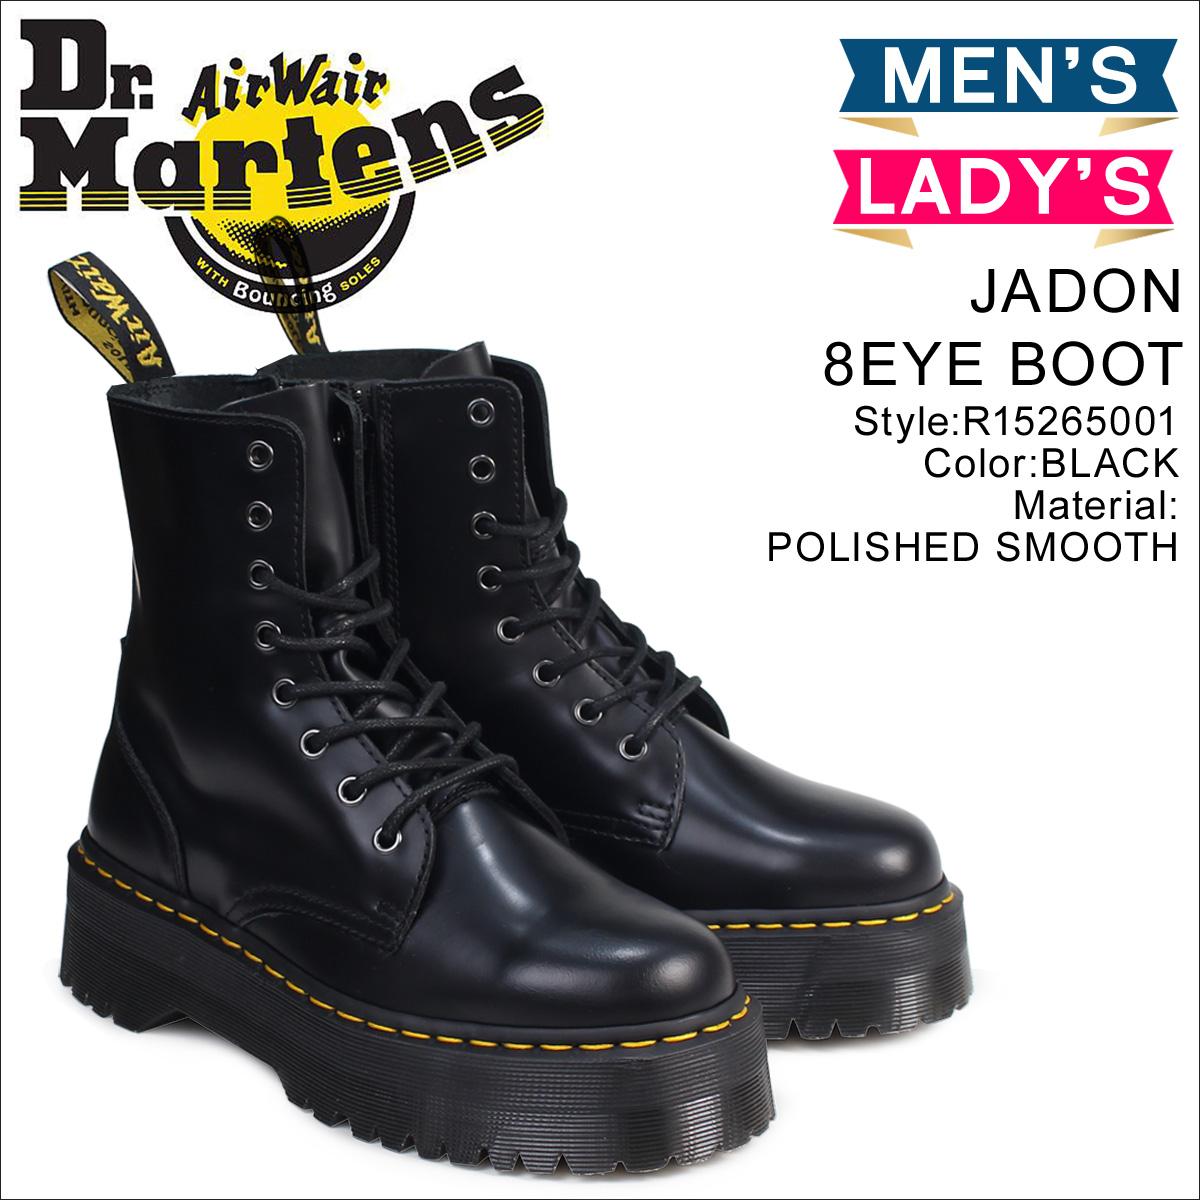 «订购项目» «大约 9 / 11 股票» 马滕斯 Dr.Martens 男士女士属 8EYE 引导靴子 Jaden 8 孔靴 R15265001 黑色 [9 / 11 进货]